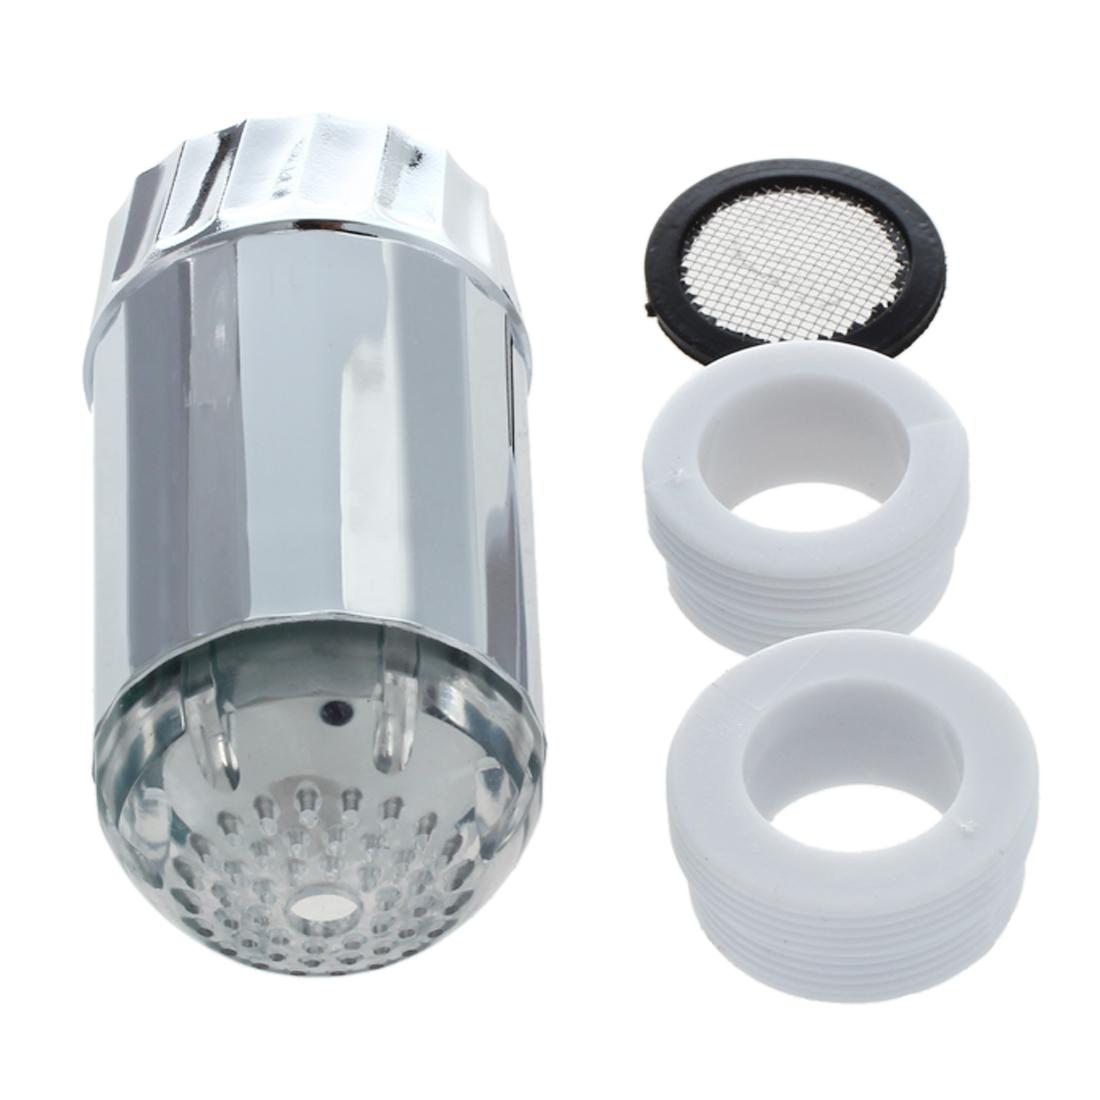 LED Faucet Water Faucet Attachment Effervescent Color